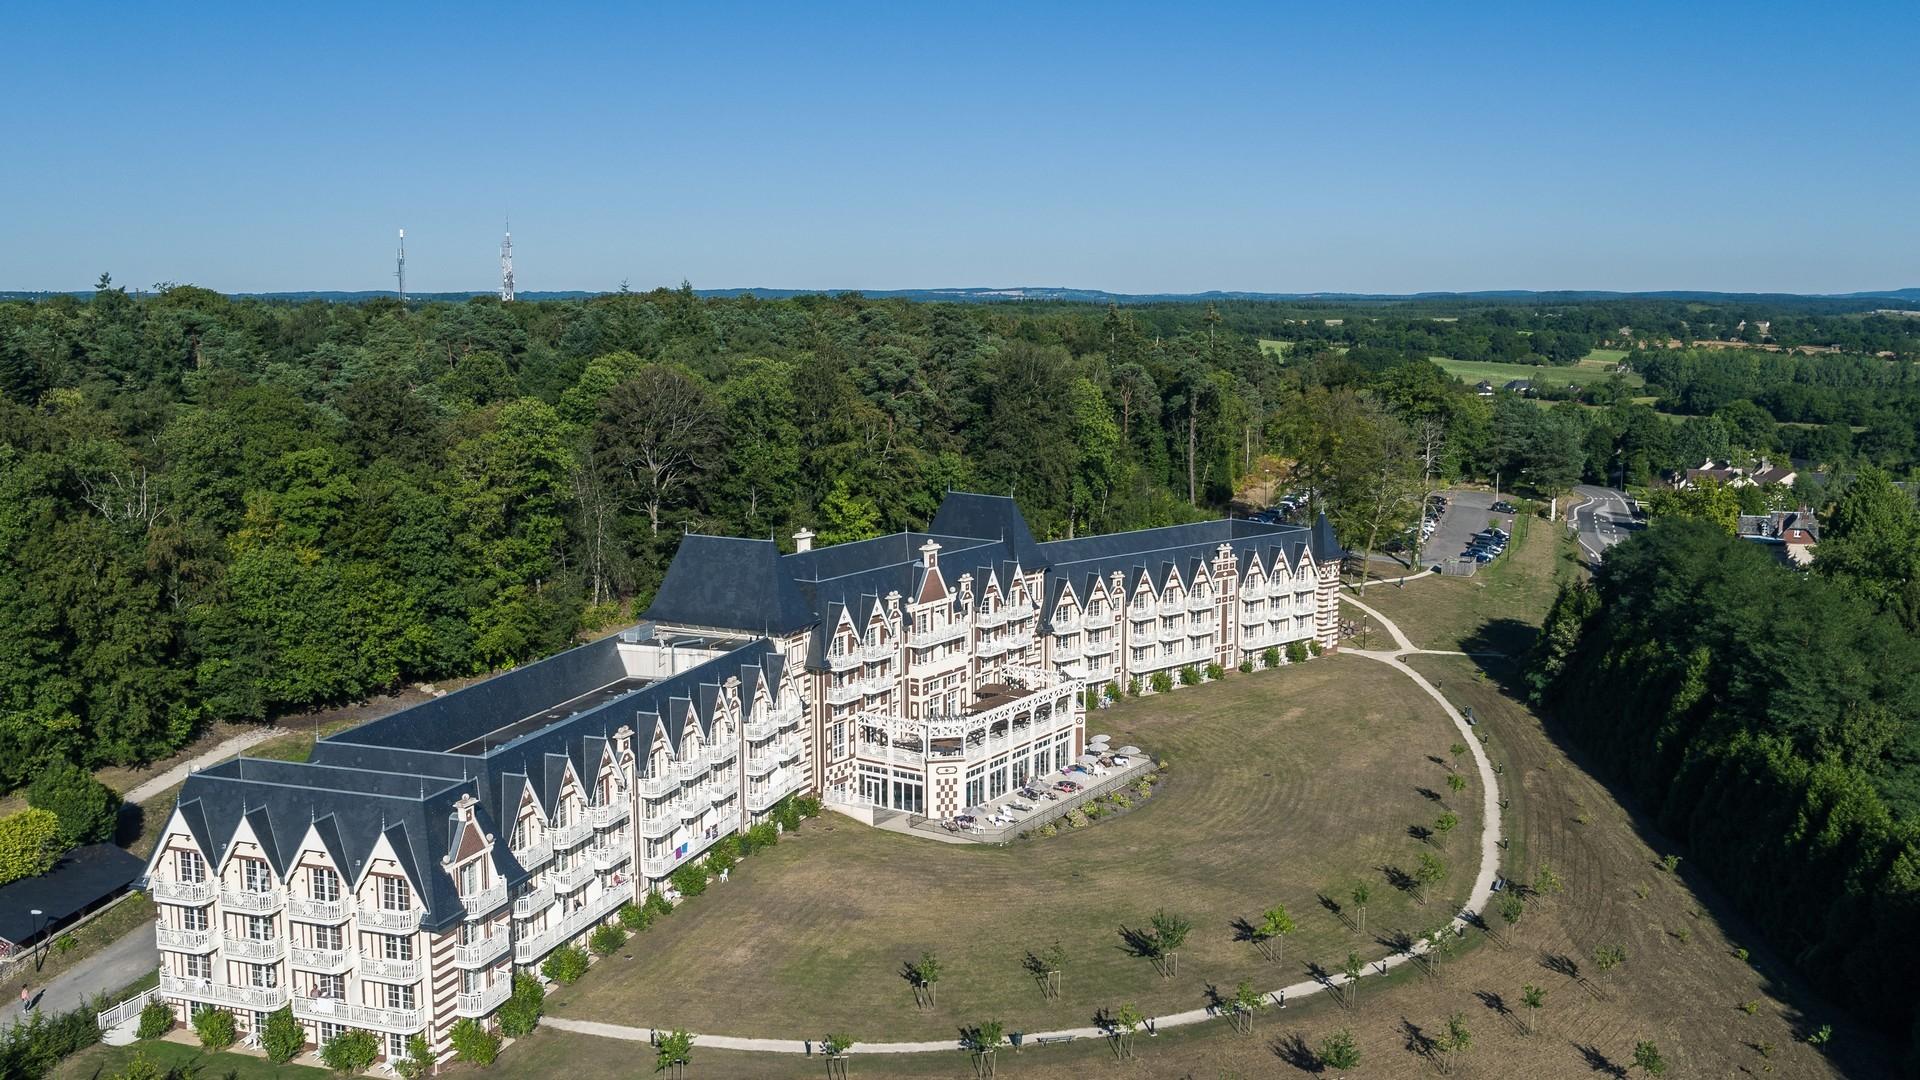 Résidence de Tourisme (165 lits) à Bagnoles-de-l'Orne